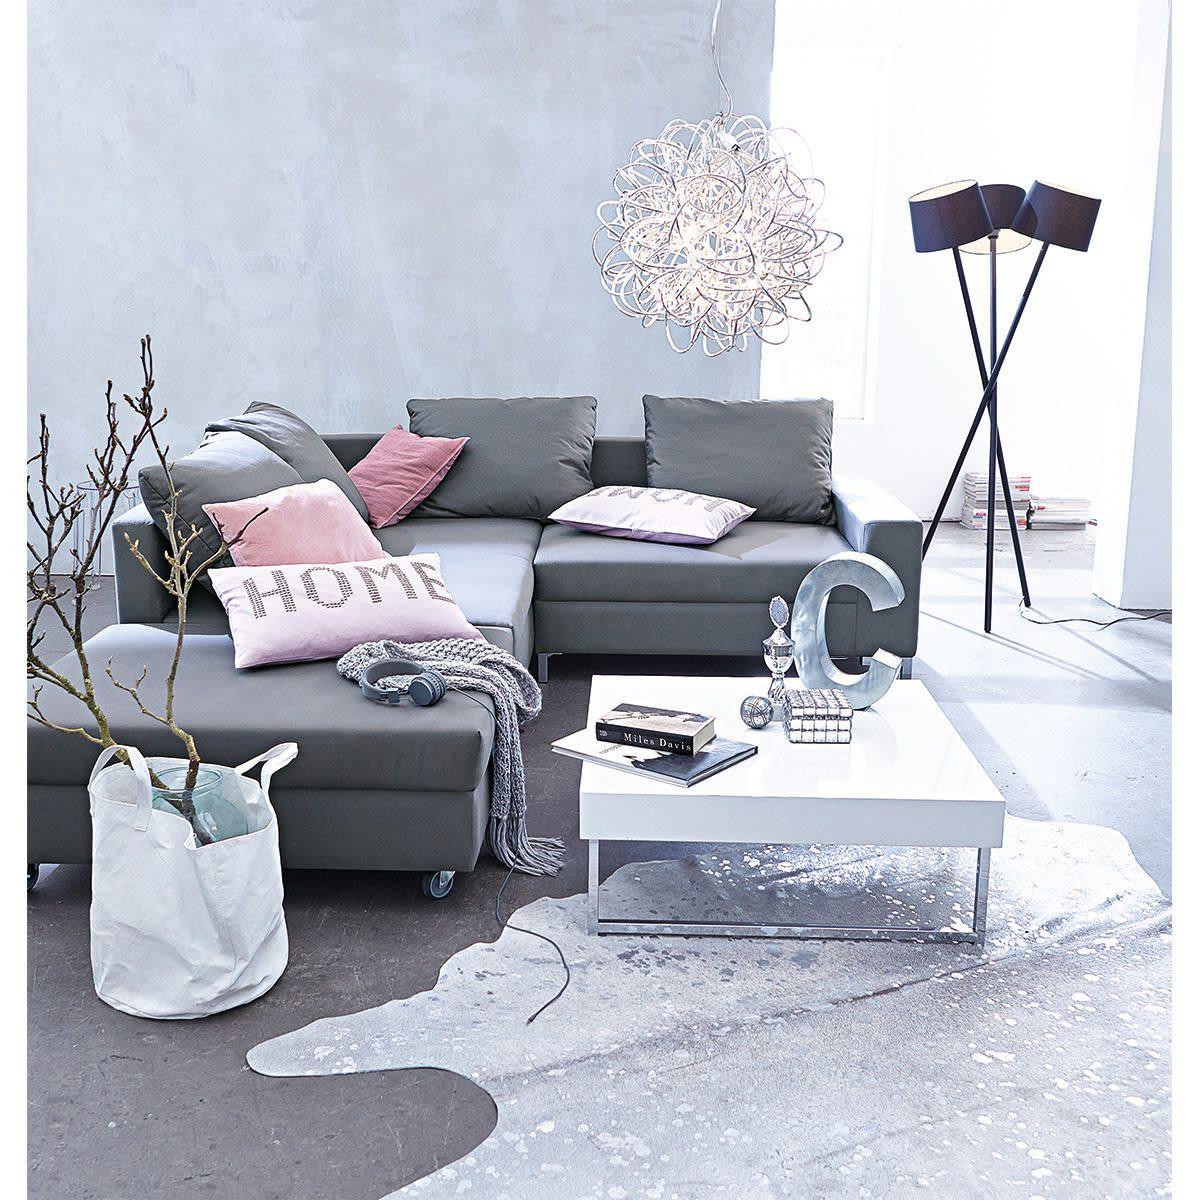 Kuhfell, Metallicperlglanz, Unikat Kuhfell Teppich Wohnzimmer